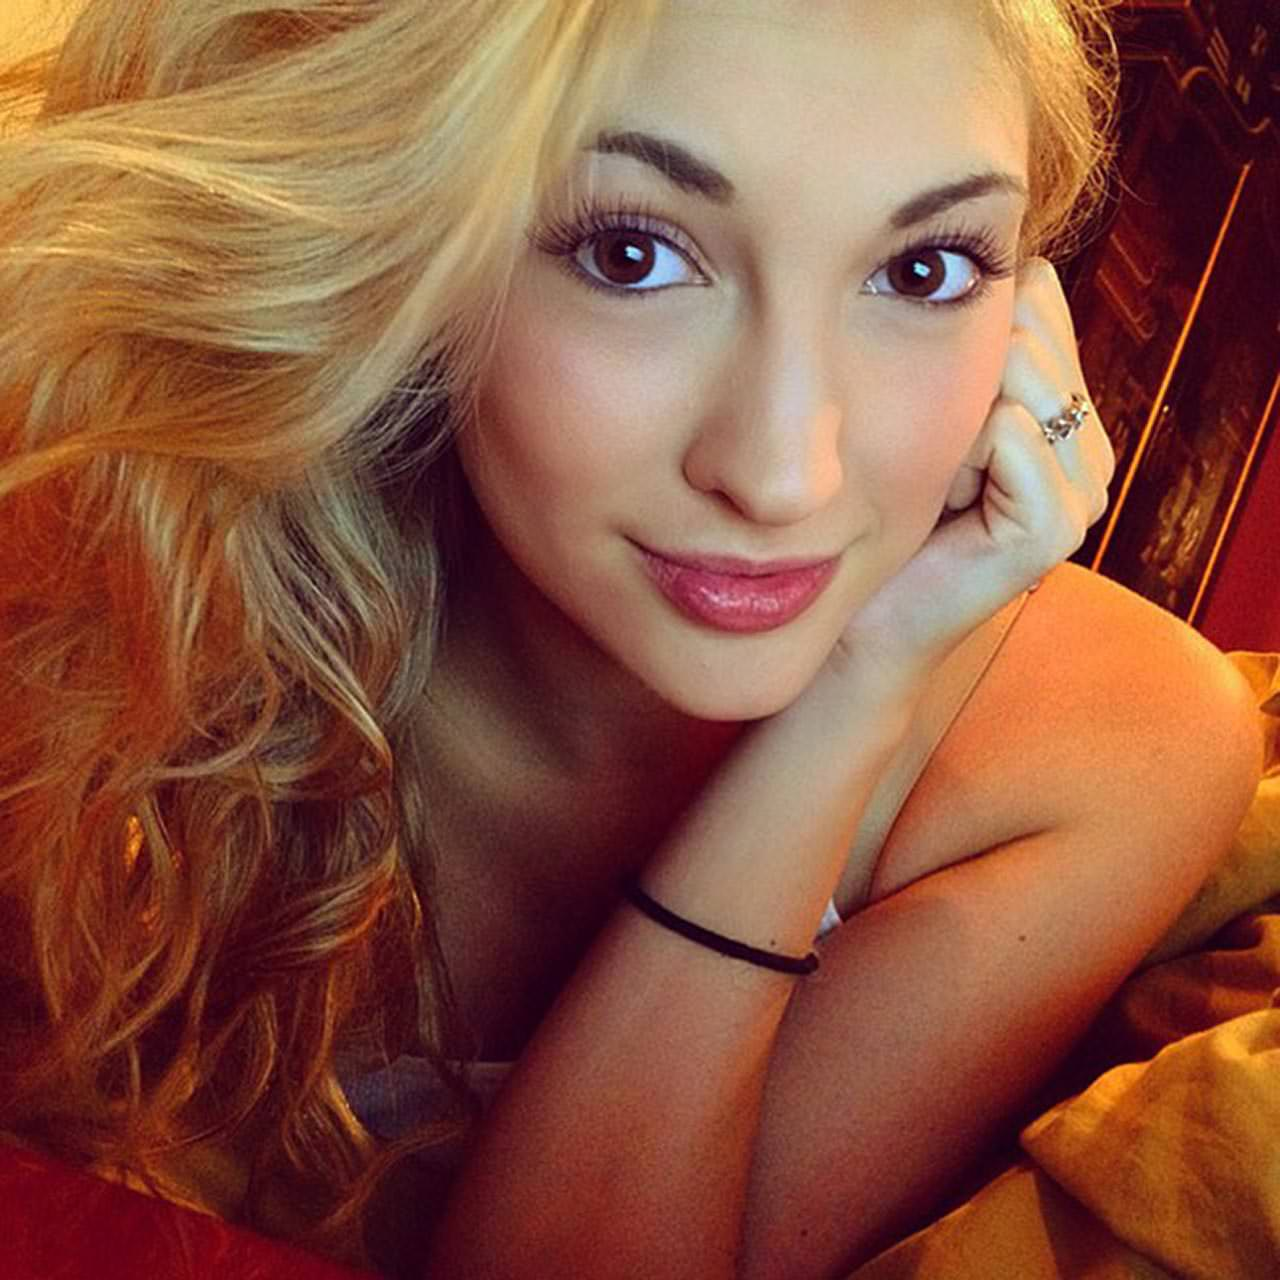 09 Anna Faith Nude Leaked